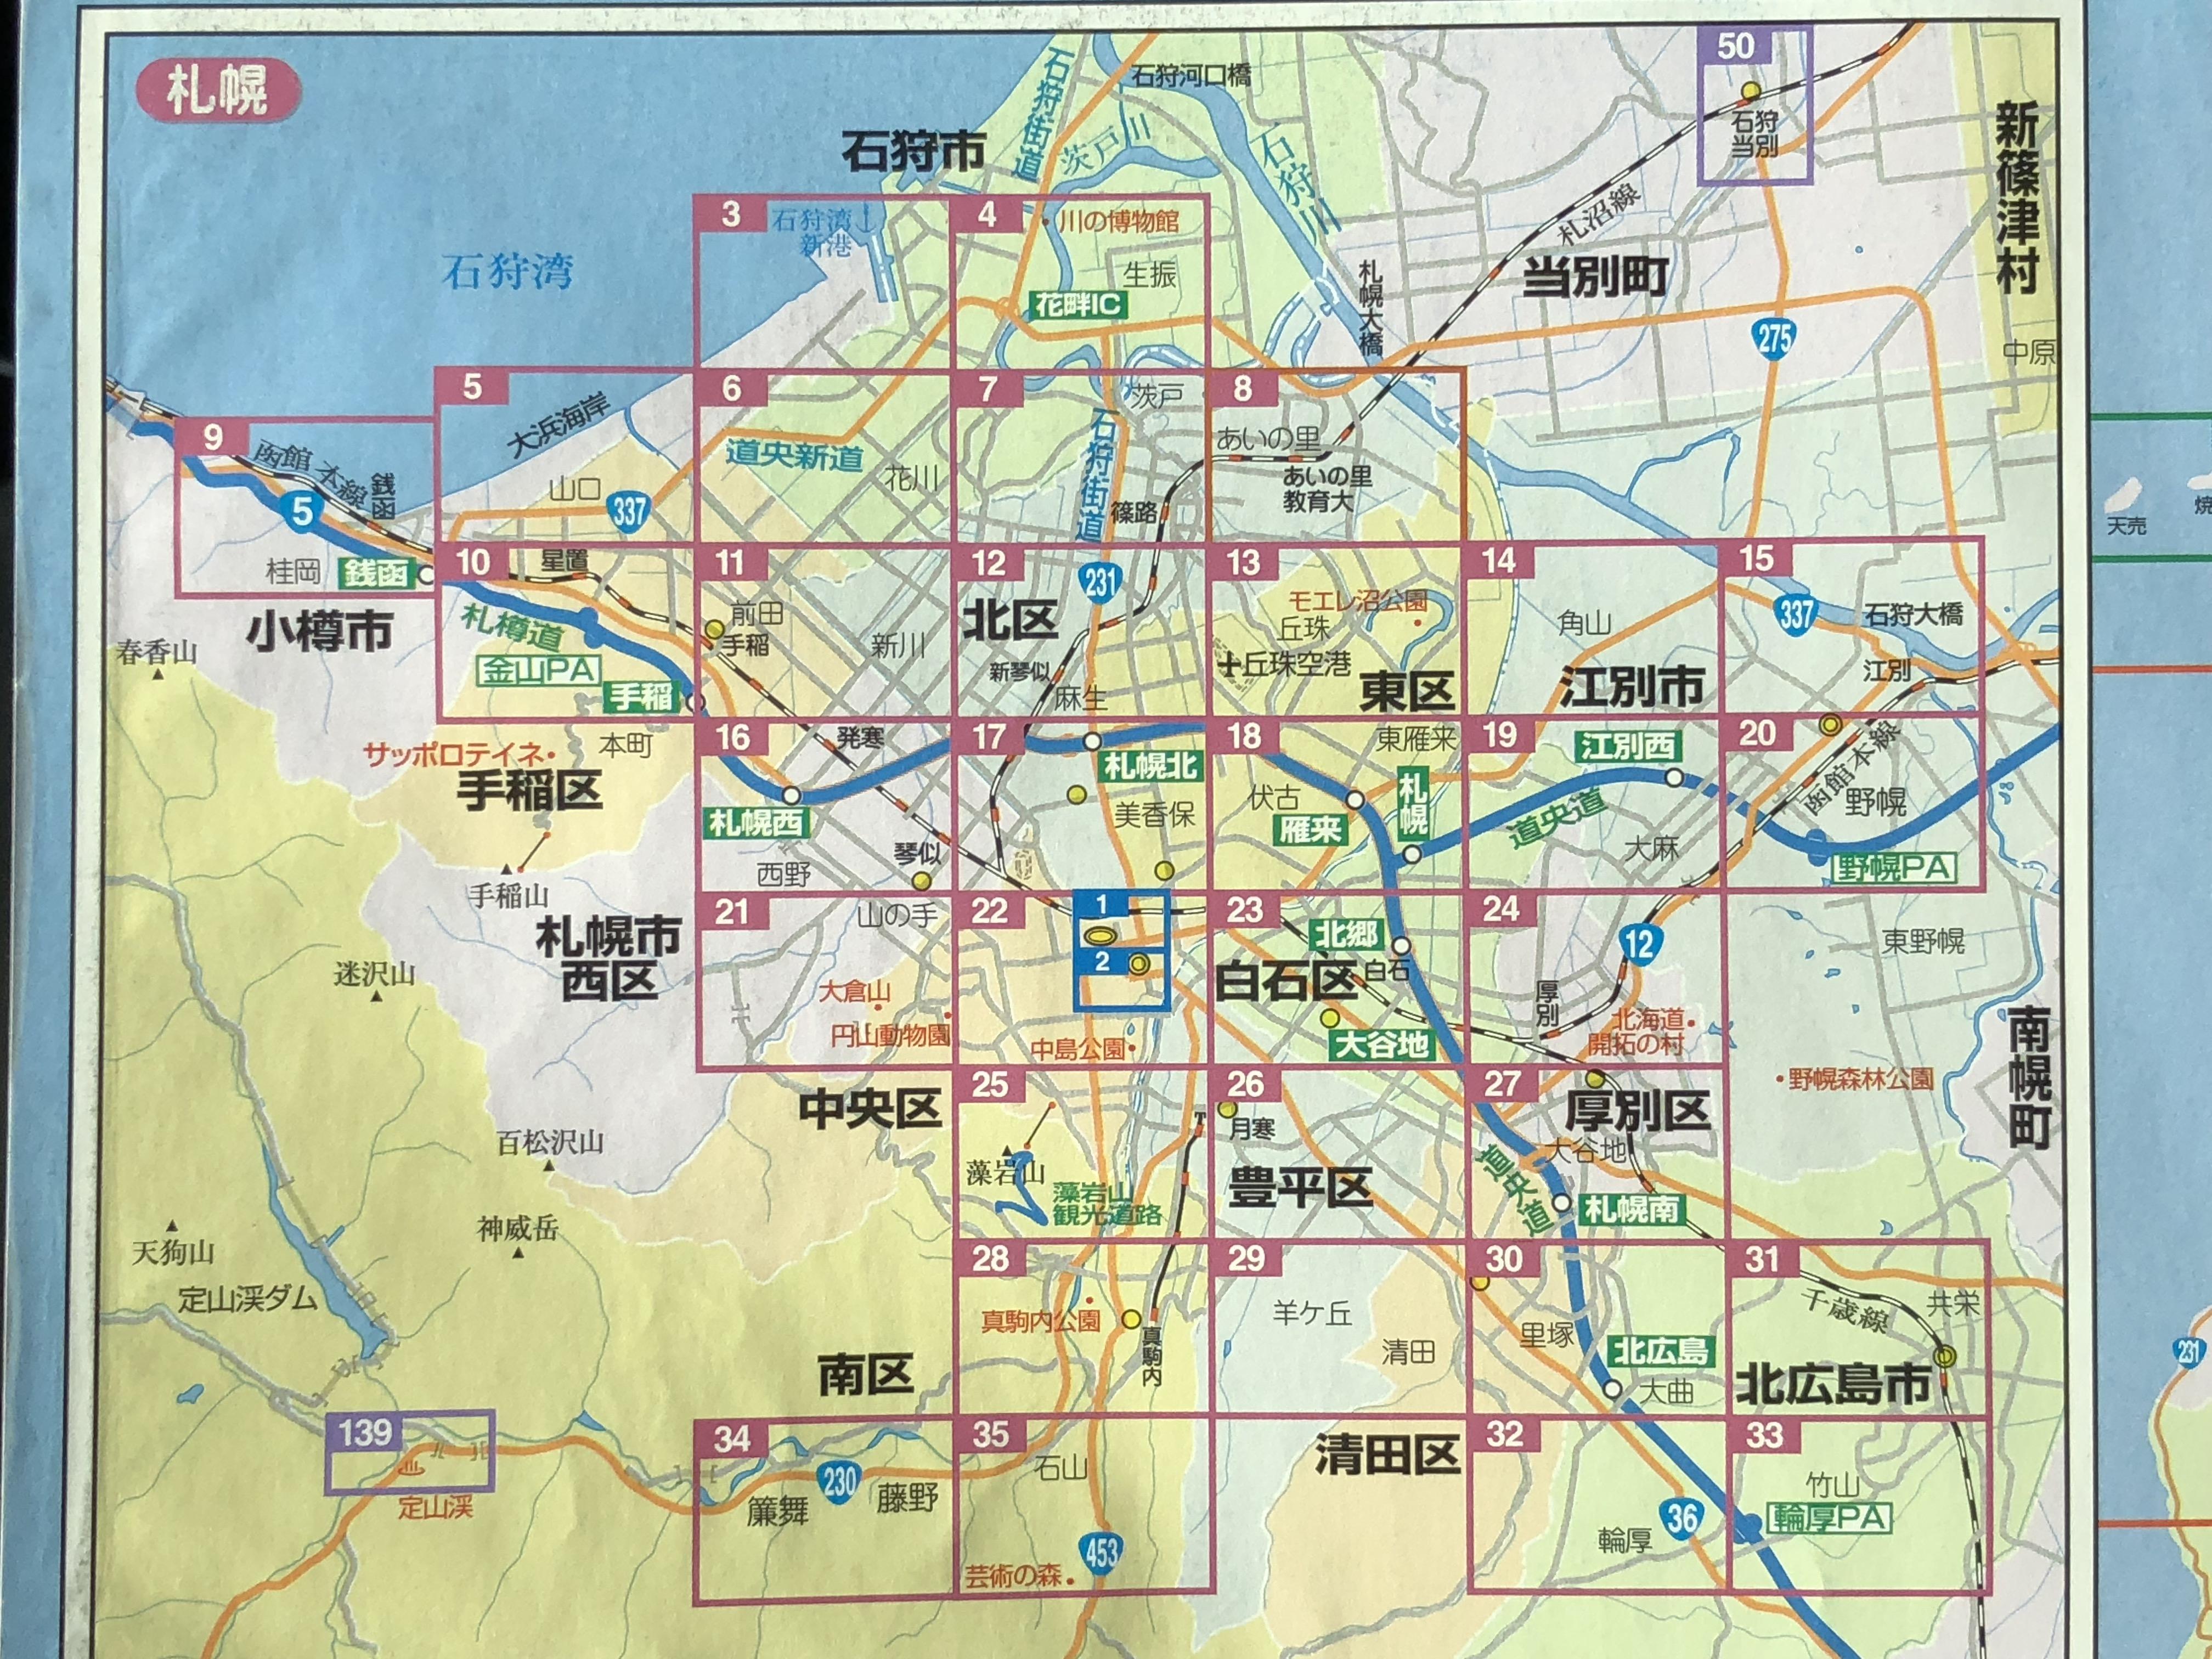 札幌市の区分け